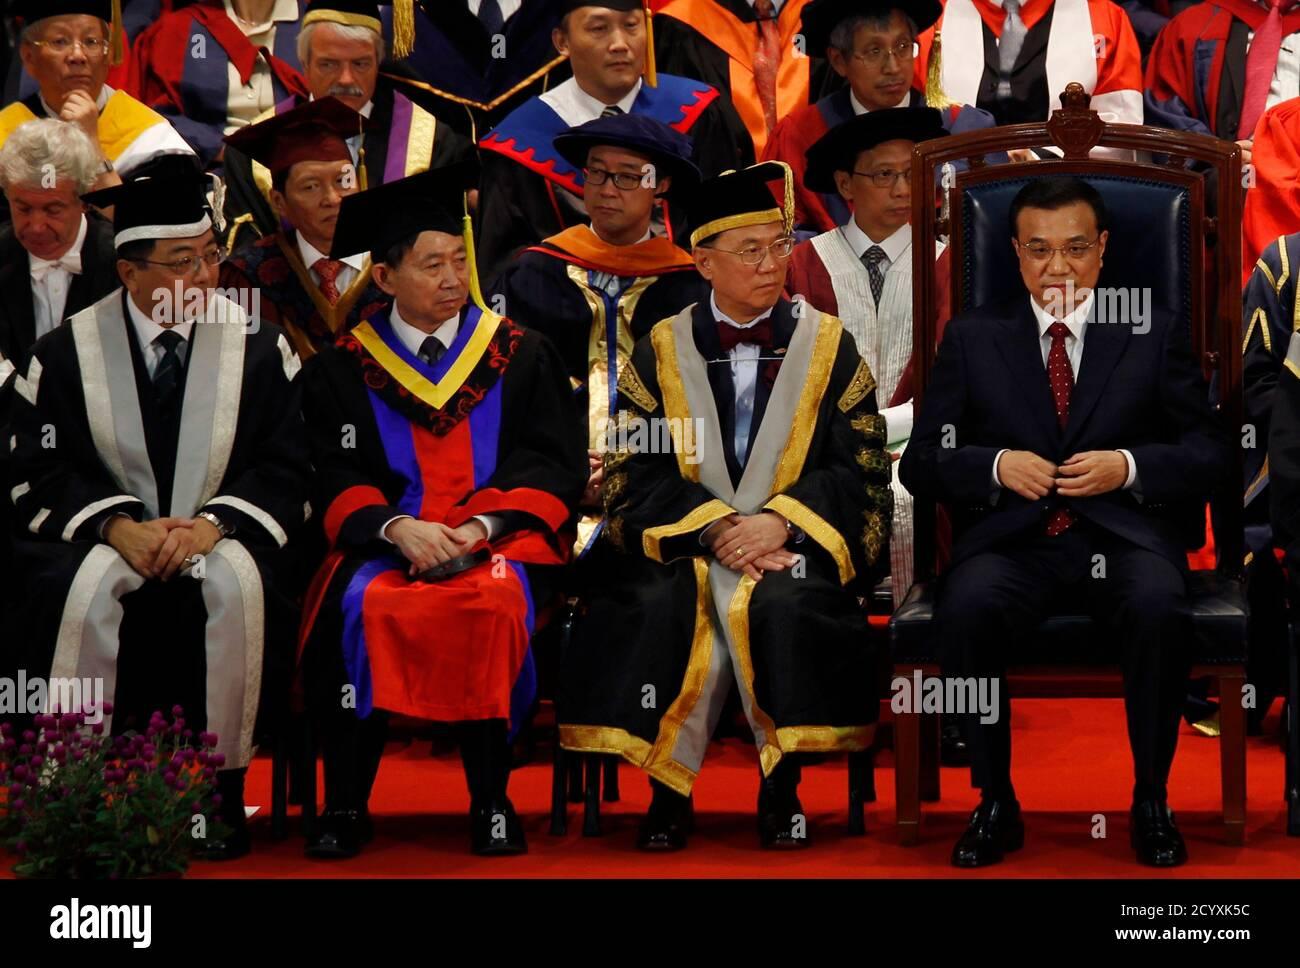 El Viceprimer Ministro de China Li Keqiang (R) está al lado del Jefe Ejecutivo de Hong Kong Donald Tsang (2do R) y el Vicecanciller de la Universidad de Hong Kong Tsui Lap-chee (L) durante la ceremonia del centenario de la Universidad de Hong Kong el 18 de agosto de 2011. Con regalos para la gente de Hong Kong, Li, el hombre que se inclina a ser el próximo premier de China, está cortejando el boomtown financiero del sur esta semana en una vuelta de calentamiento político a asumir el poder del popular premier Wen Jiabao. REUTERS/Bobby Yip (CHINA - Tags: EDUCACIÓN POLÍTICA) Foto de stock